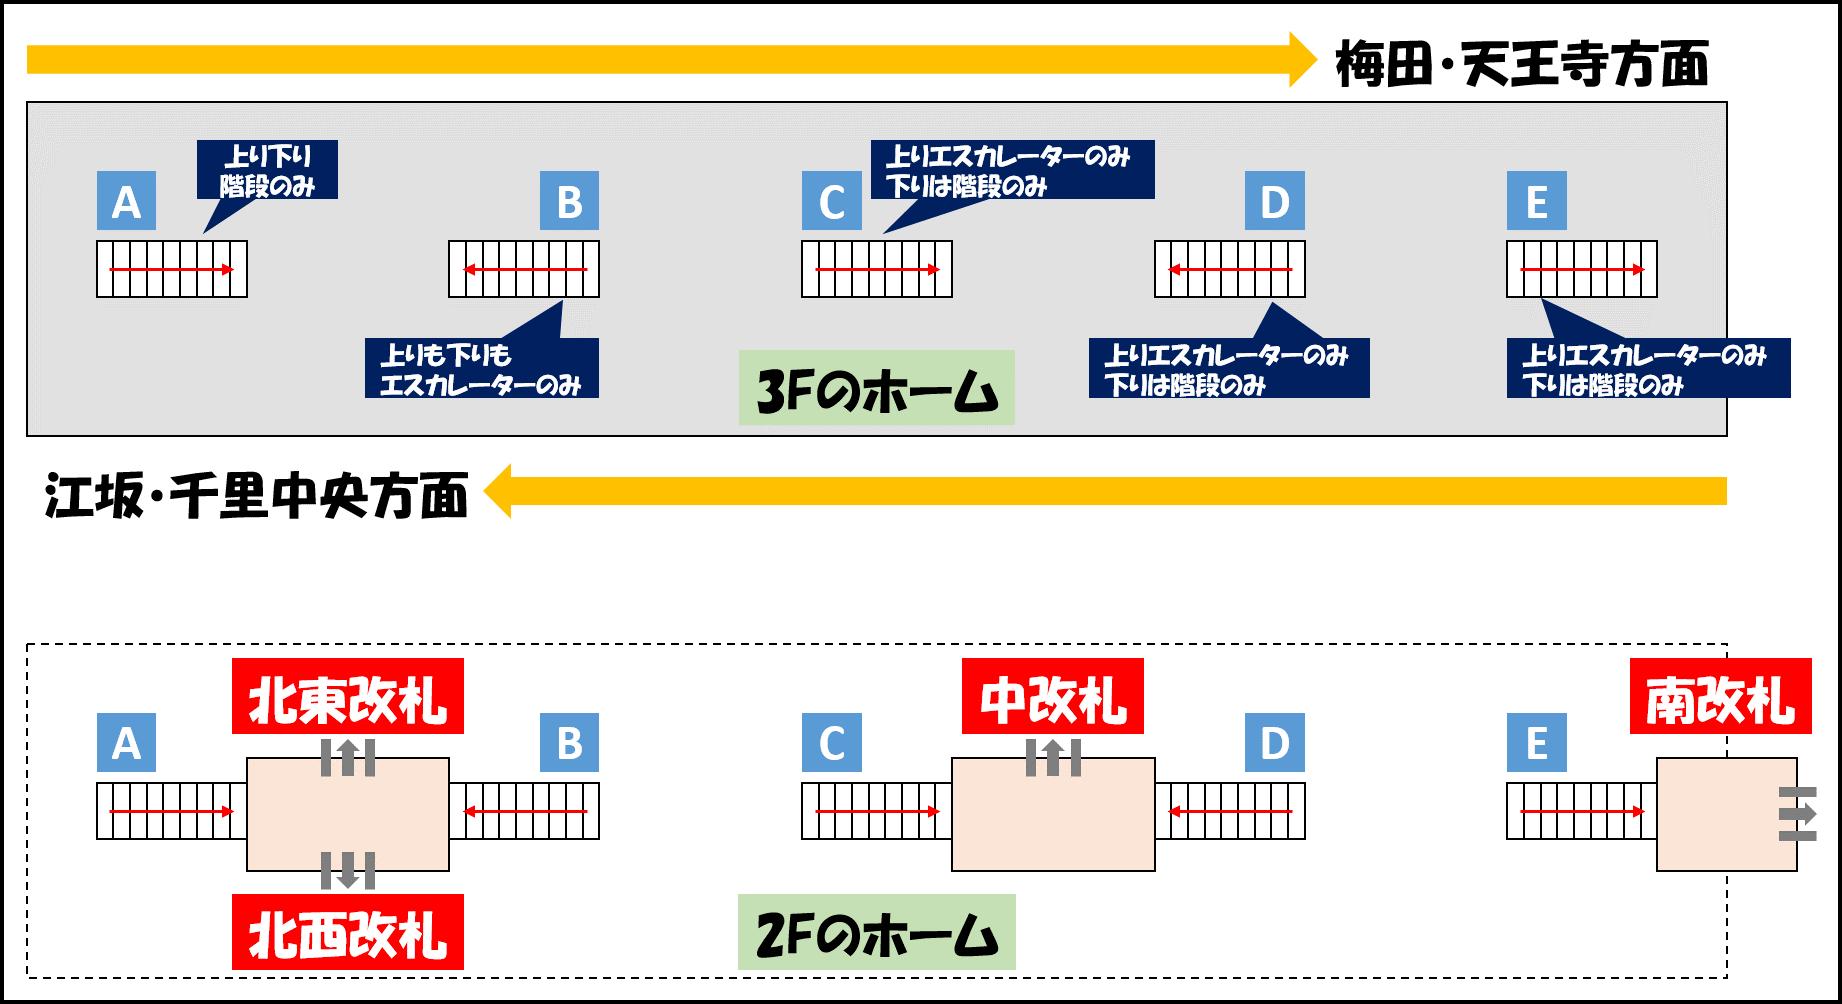 大阪メトロ改札マップ